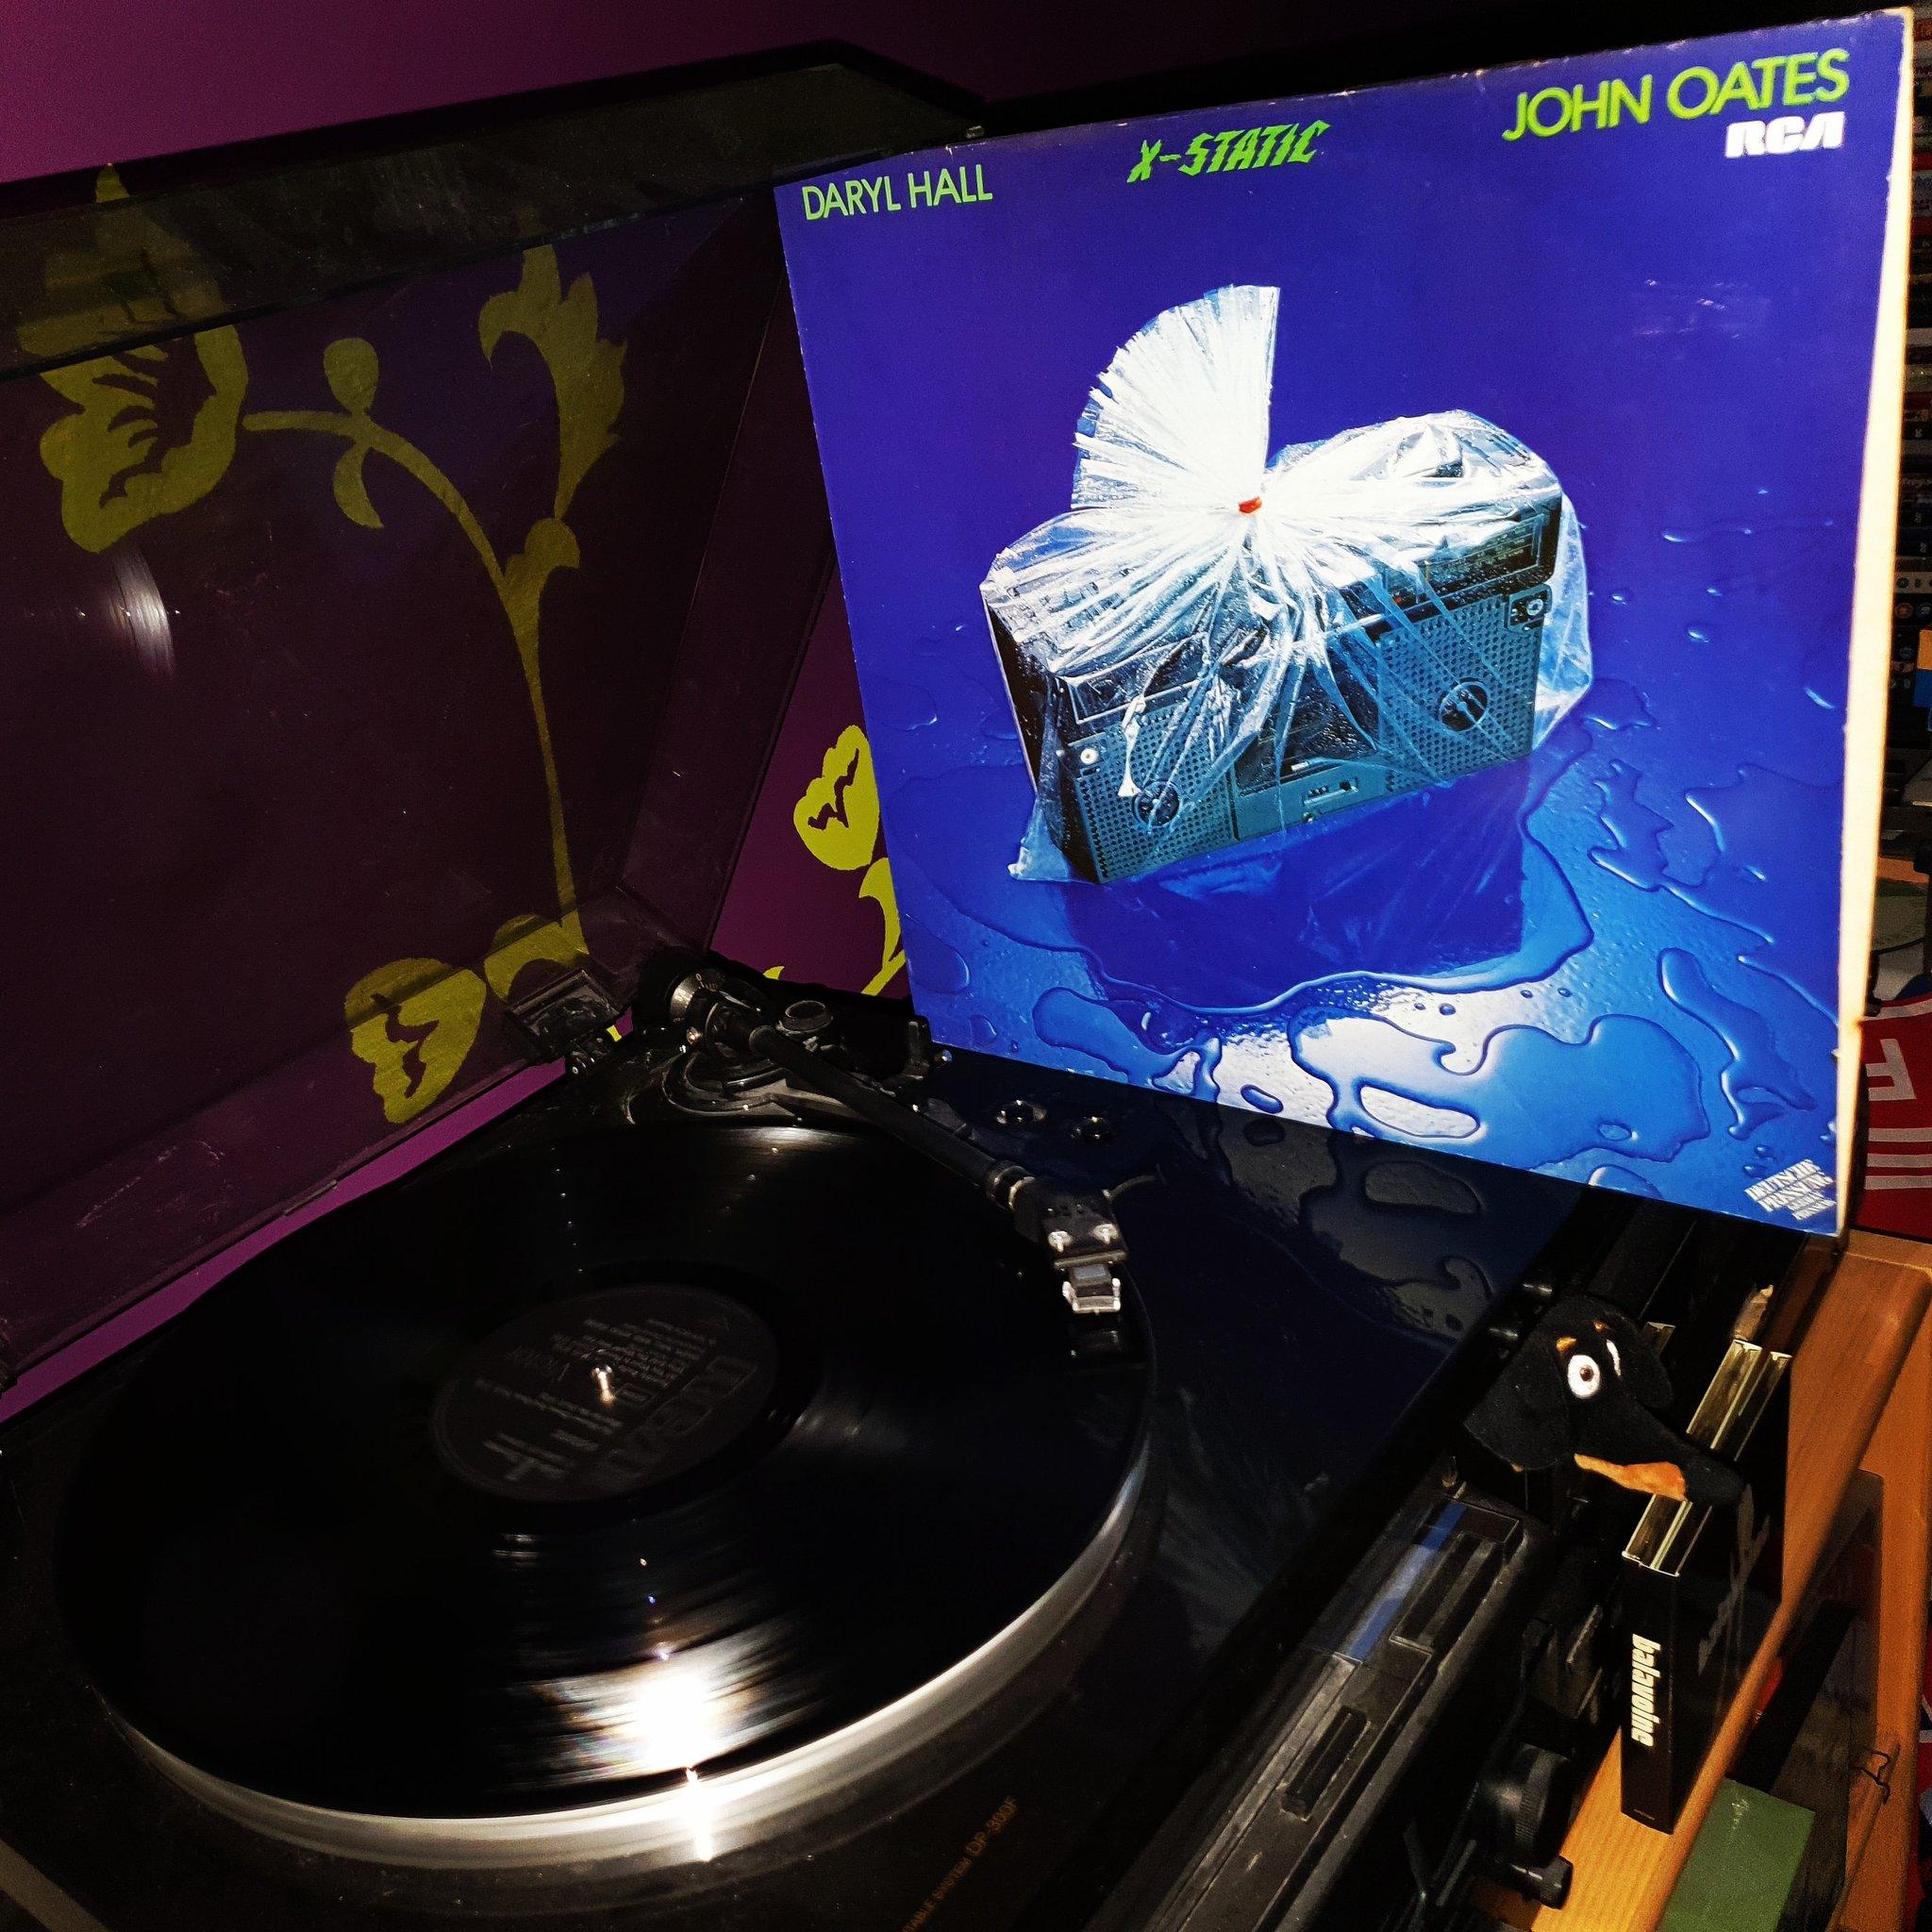 Happy Birthday John Oates *72*! Daryl Hall & John Oates - X-Static  (RCA/1980)